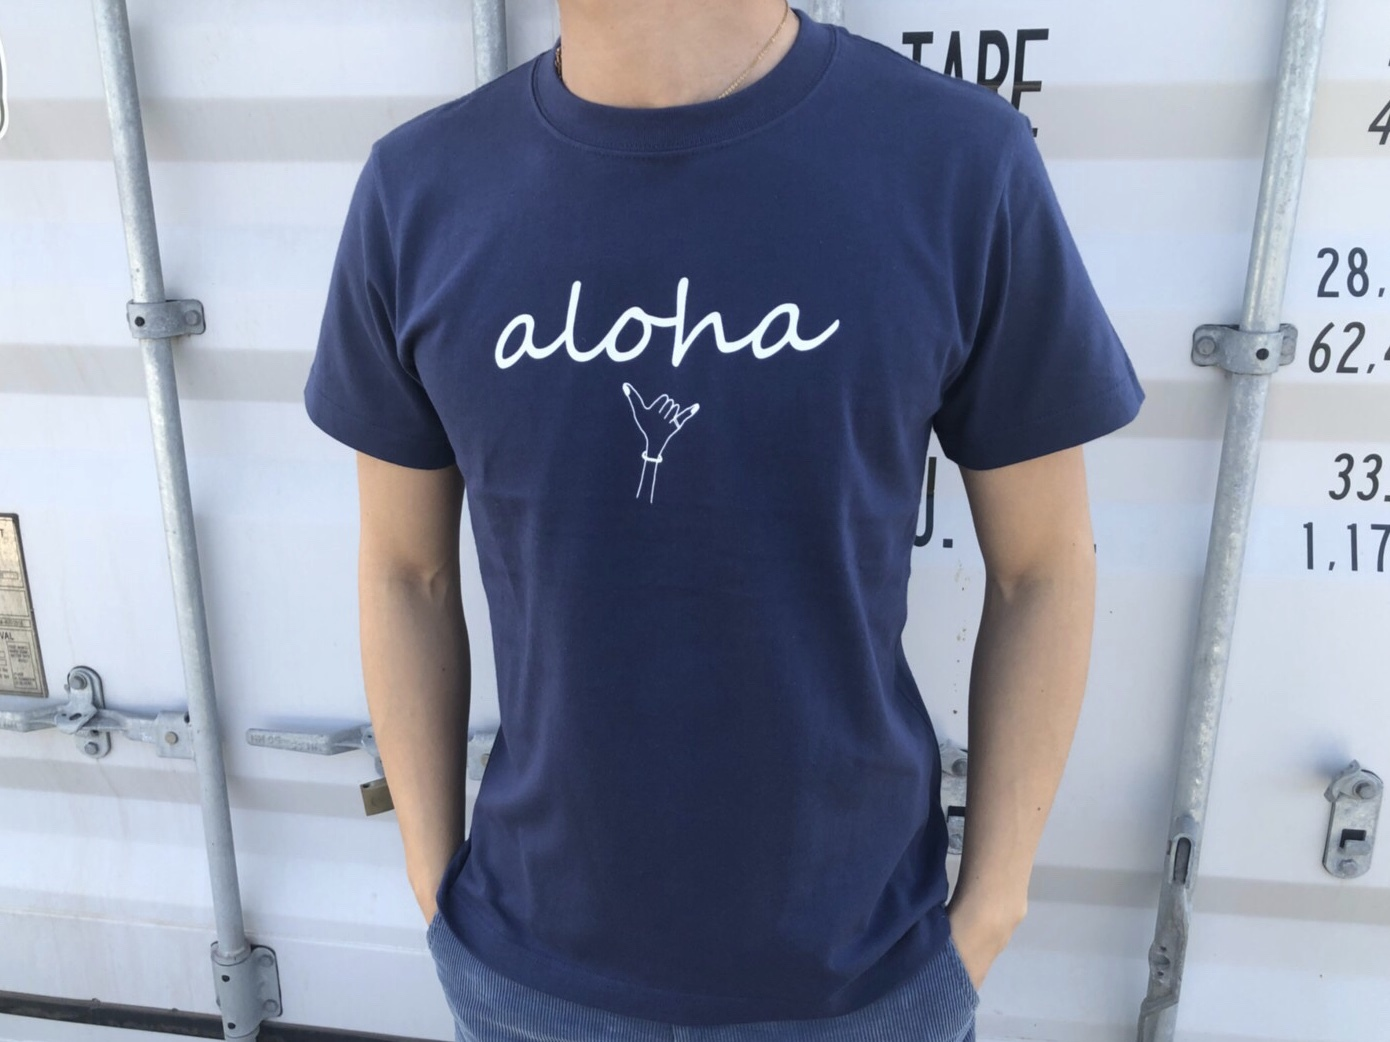 【7/3 21:00再入荷】(Fine7月号掲載) alohaサイン Tシャツ(navy)